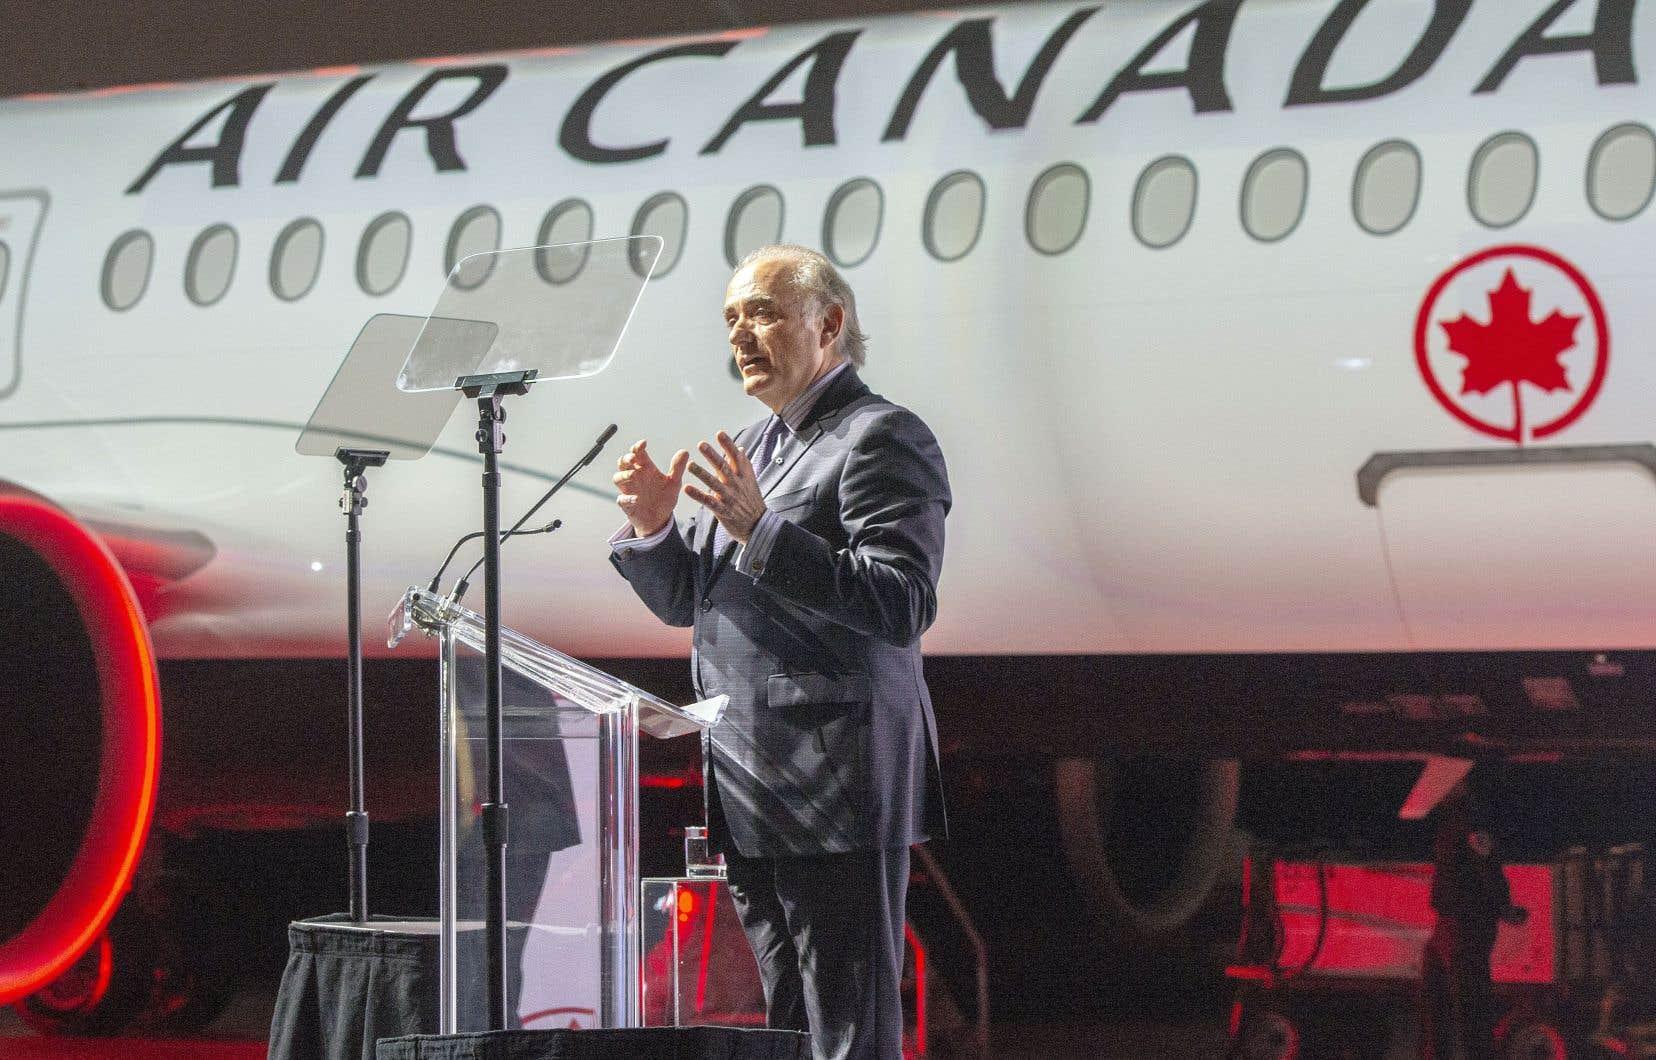 Au prix de catalogue, la commande d'appareils A220 d'Air Canada vaut à elle seule environ 3,8 milliards. Sur la photo, le président de la compagnie aérienne, Calin Rovinescu, lors de l'inauguration de l'avion mercredi.